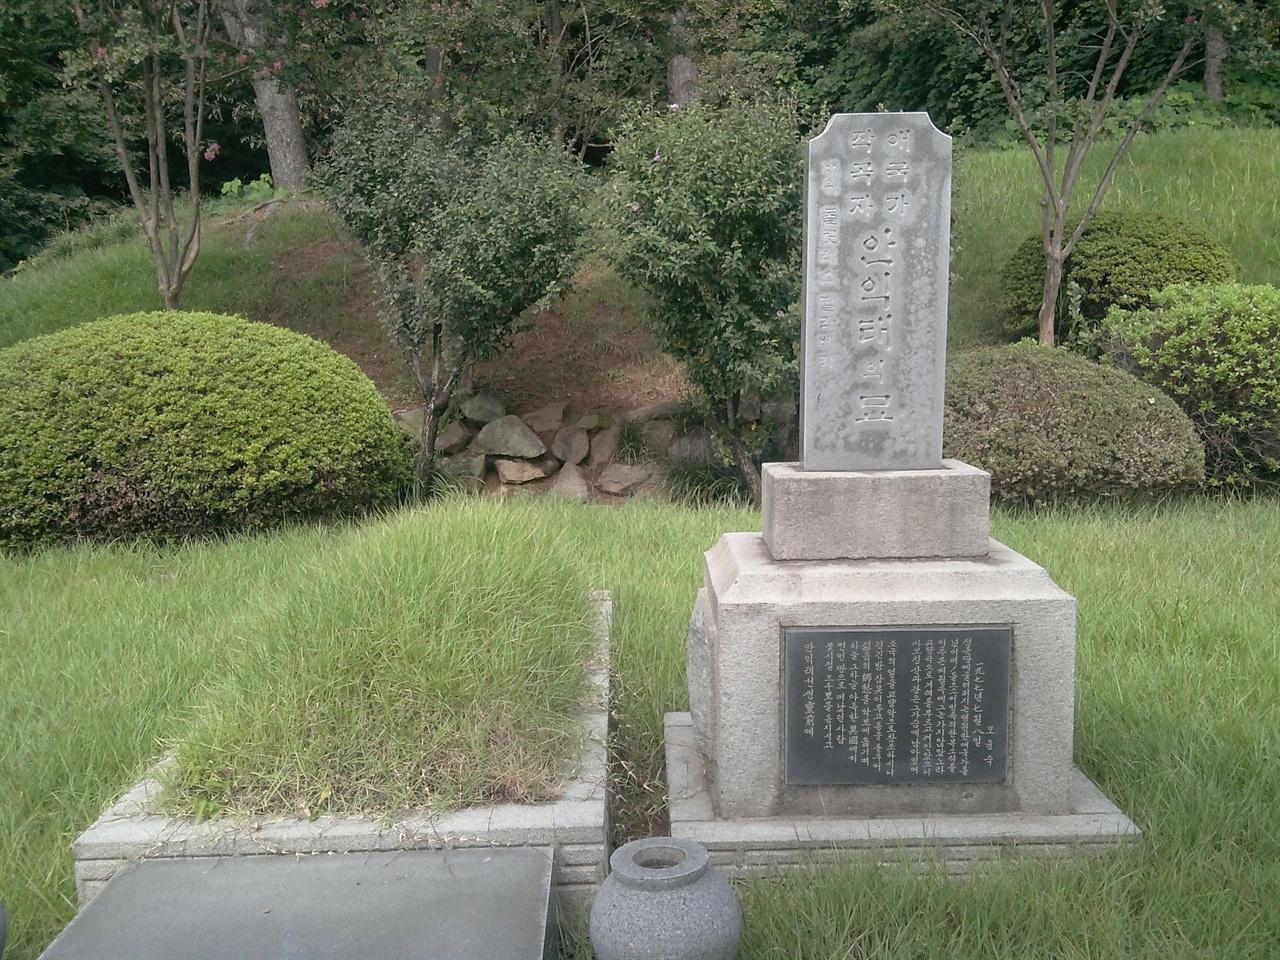 안익태의 묘 현재 부르는 애국가의 작곡가이기도 한 안익태는 유럽에서 1940년부터 <에텐라쿠>와 <만주환상곡>은 물론 독일 나치제국의 제국음악원 총재이자 나치 협력자였던 리하르트 슈트라우스가 작곡한 <일본축전곡> 등을 계속 연주하였다.